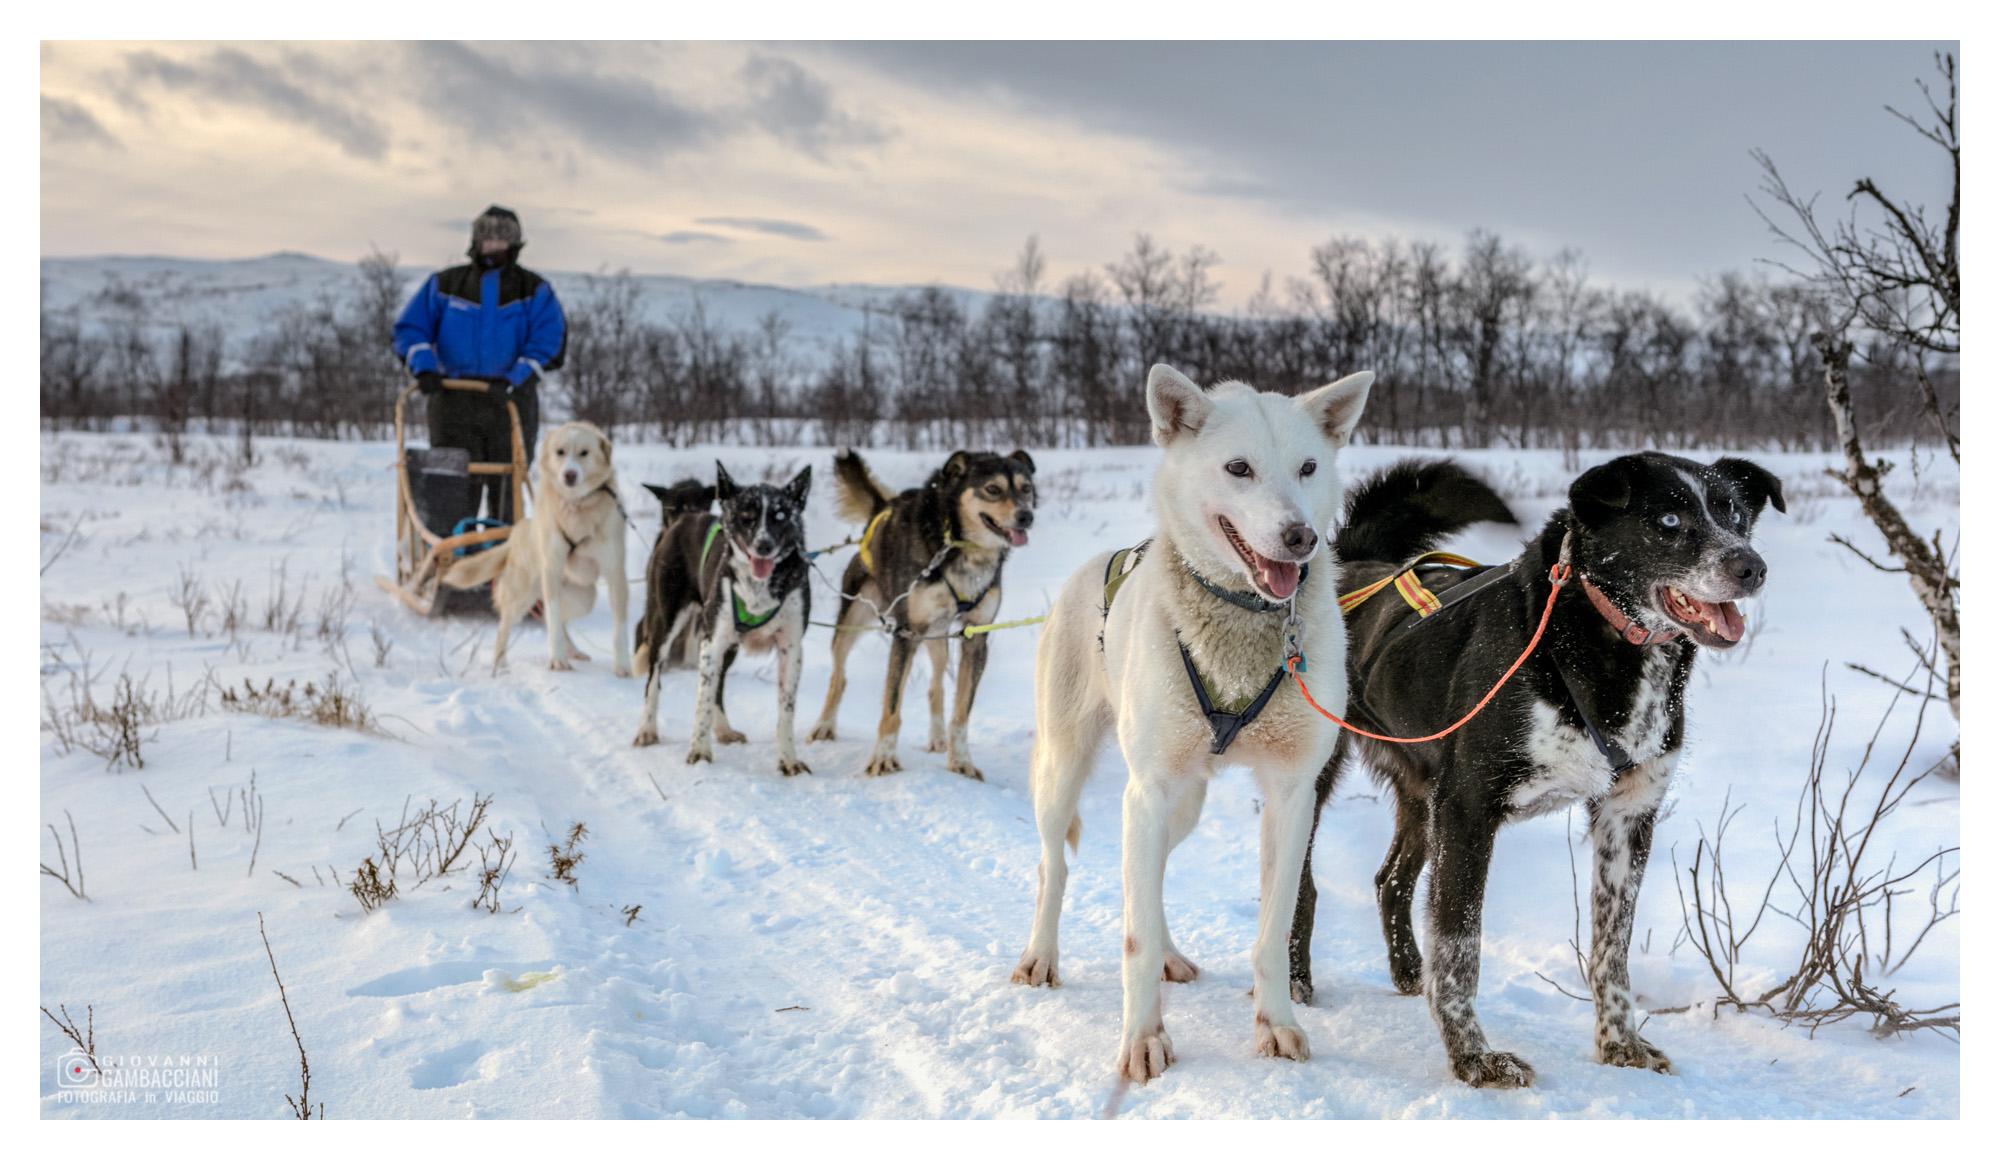 Viaggi di Gruppo  Y1A9869-Modifica [CONCLUSO] Autentico Natale in Lapponia: Da Venerdì 22 a Mercoledì 27 Dicembre 2017